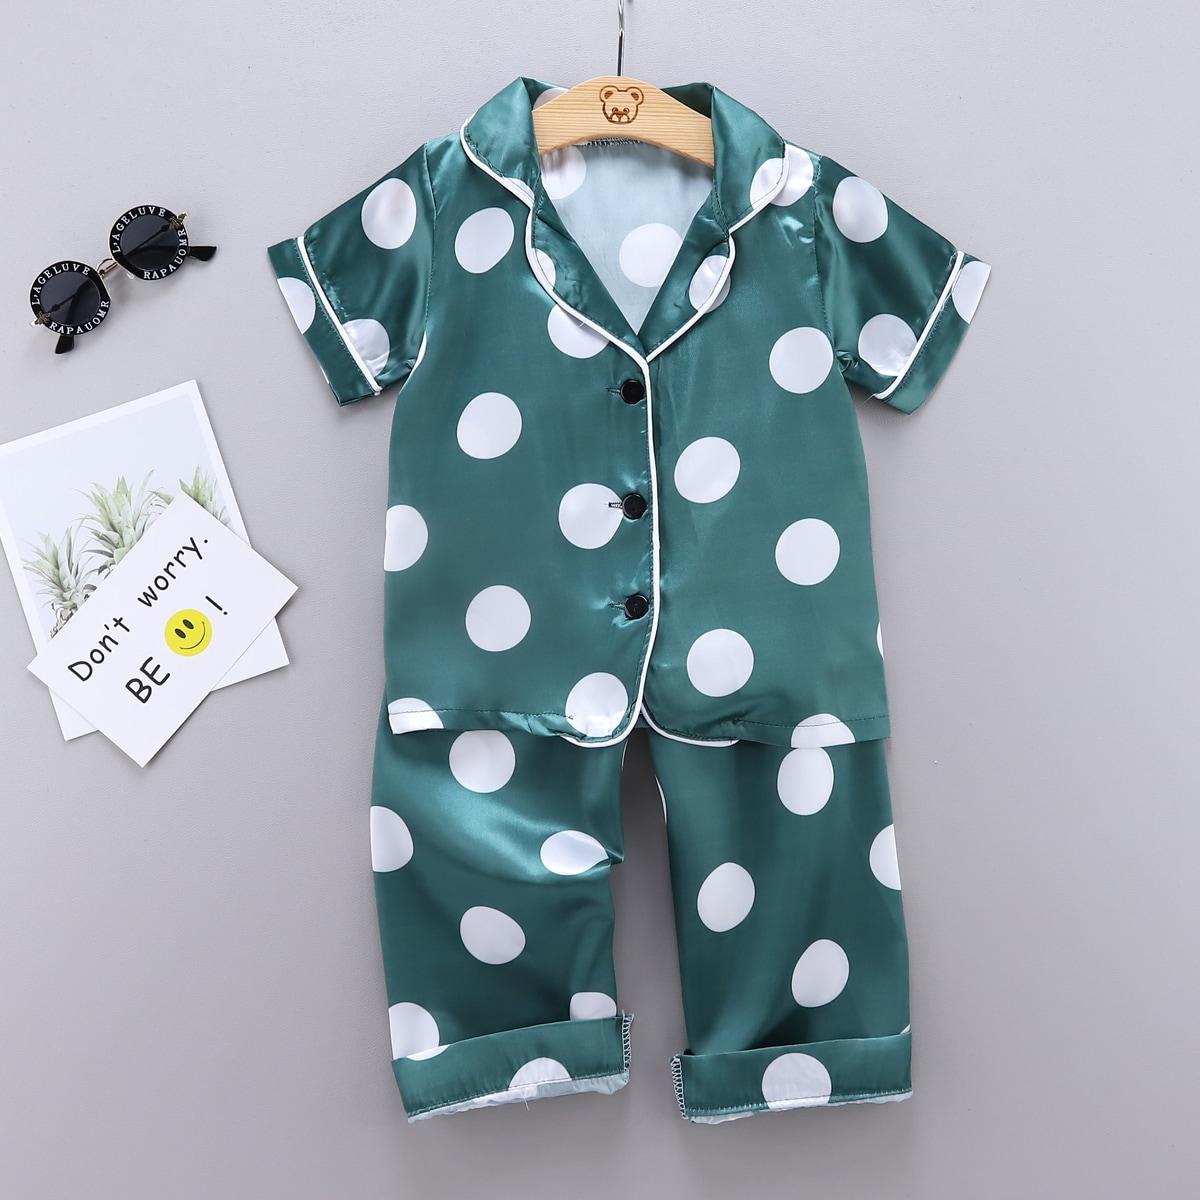 Бирюзовый Контрастная отделка В горошек Повседневный Домашняя одежда для мальчиков от SHEIN